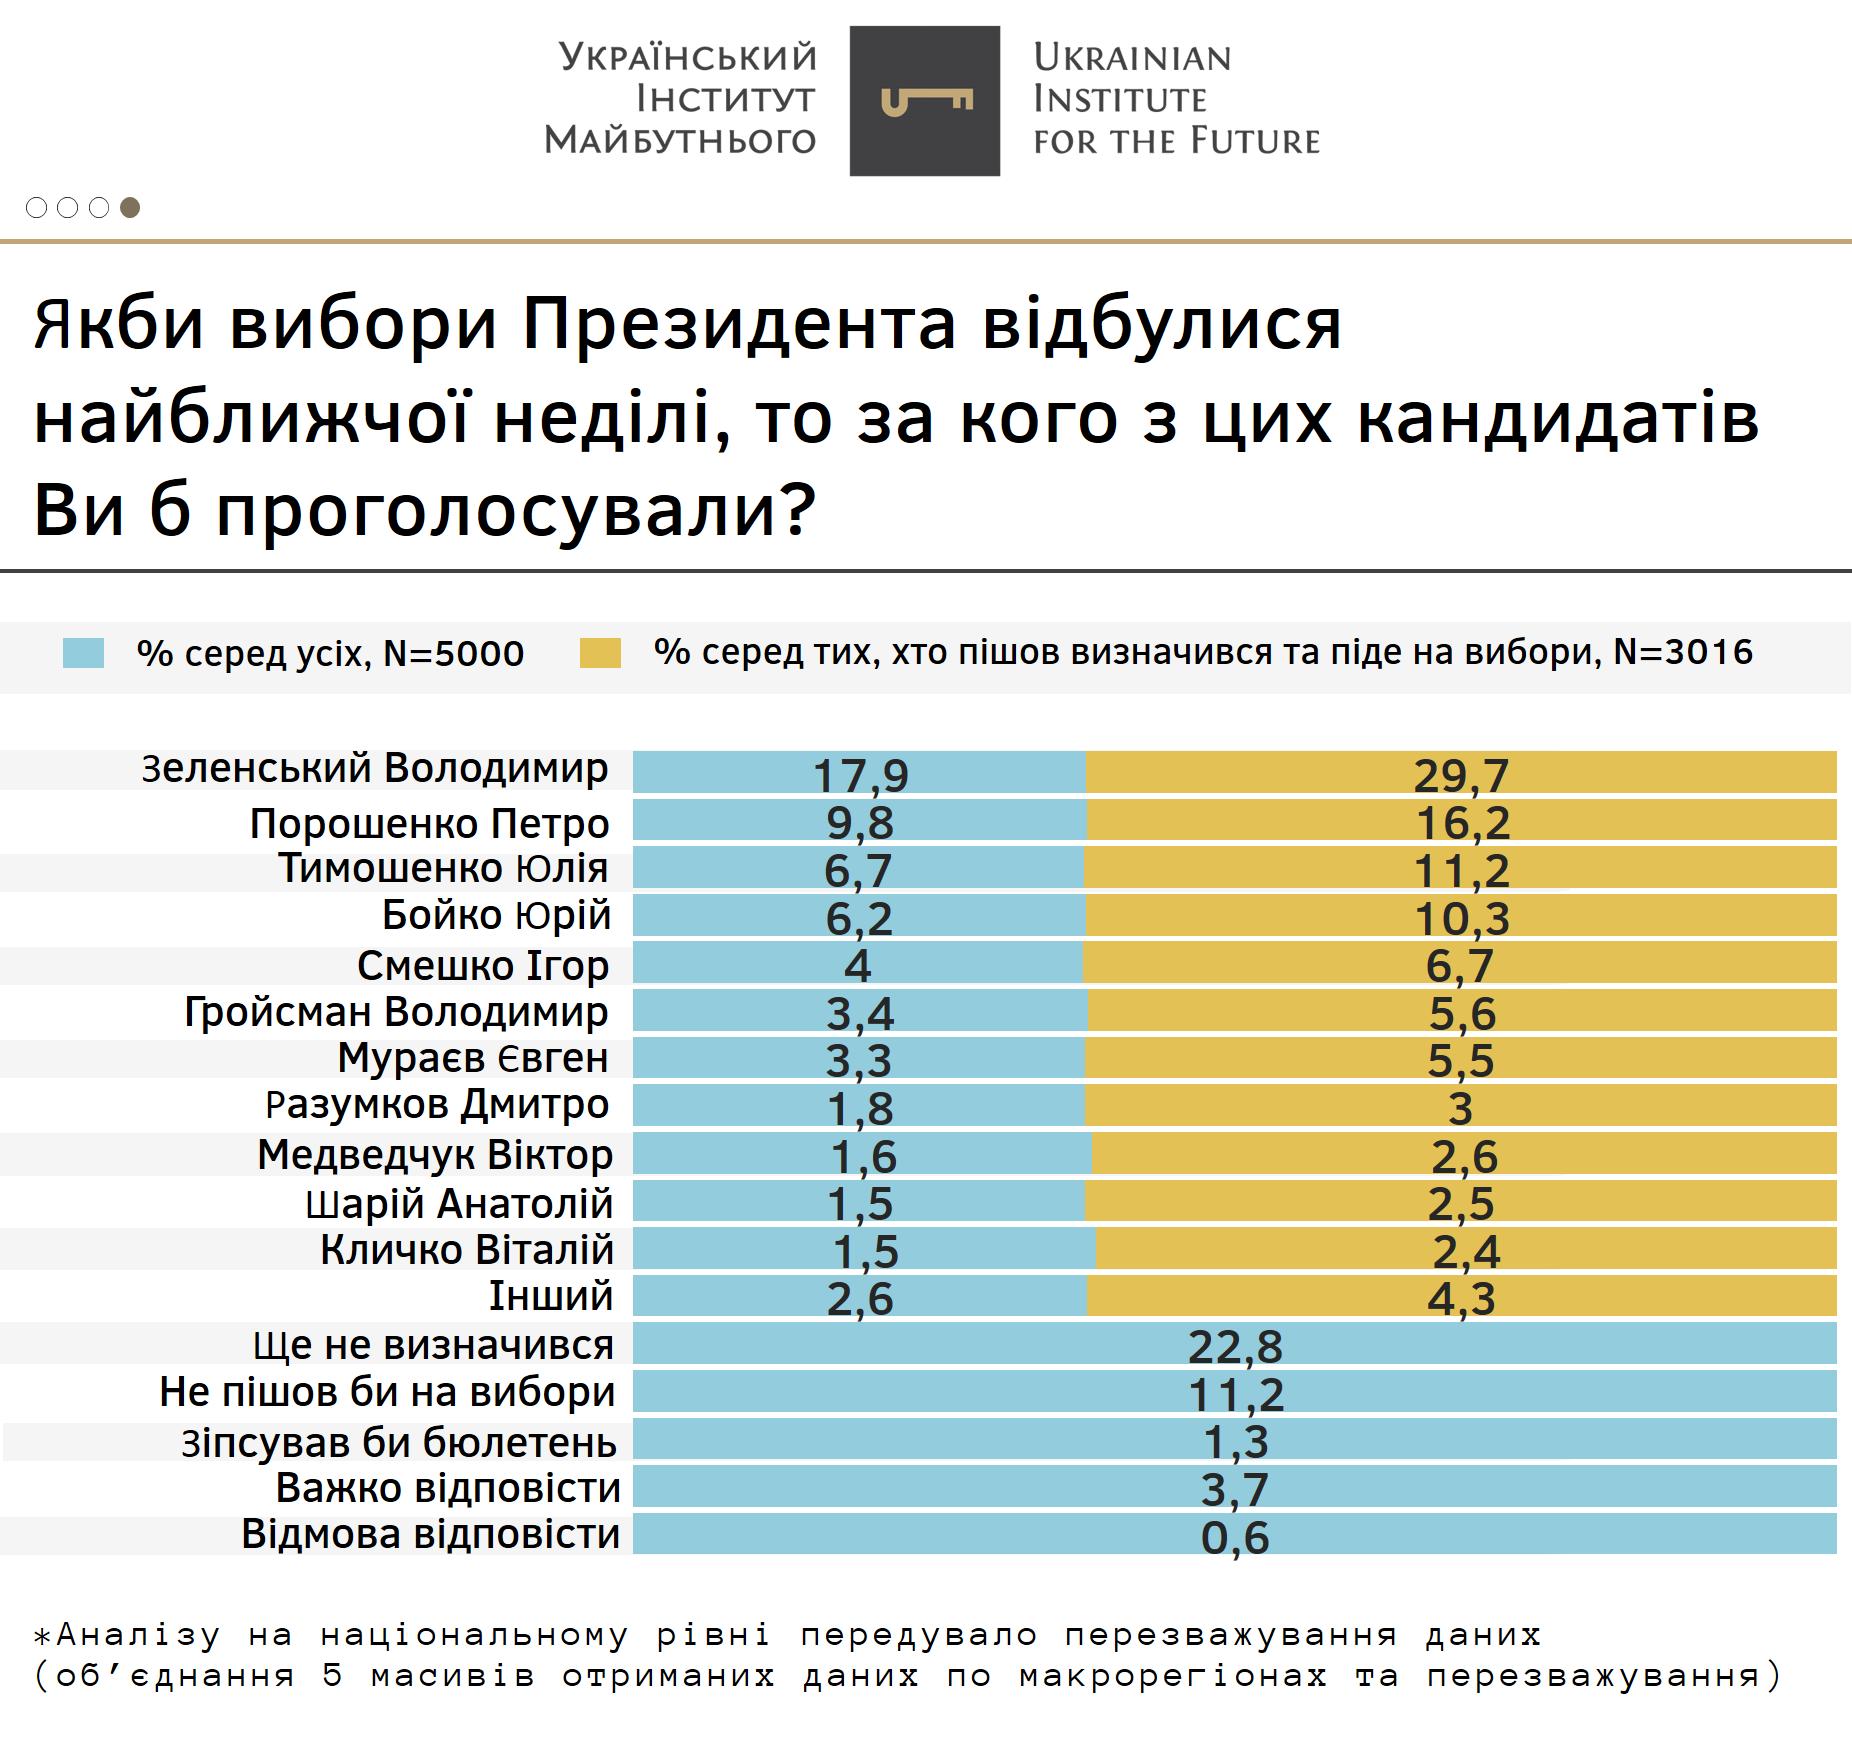 Зеленский имеет 29,7% поддержки, а Порошенко - 16,2%